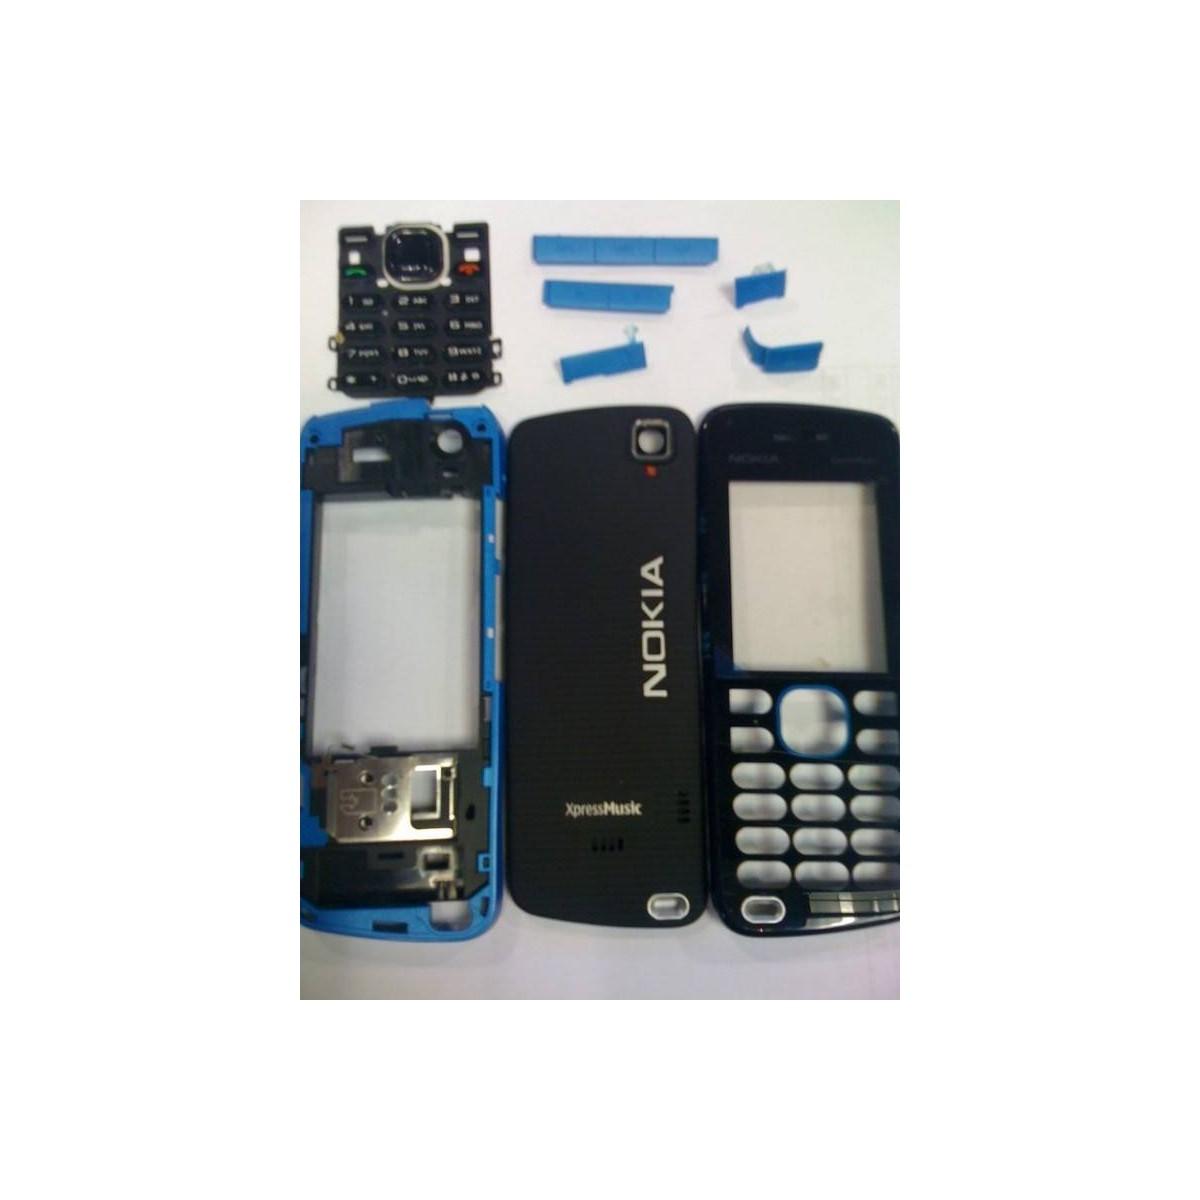 Carcaça Nokia 5220 Completa Preto com Azul